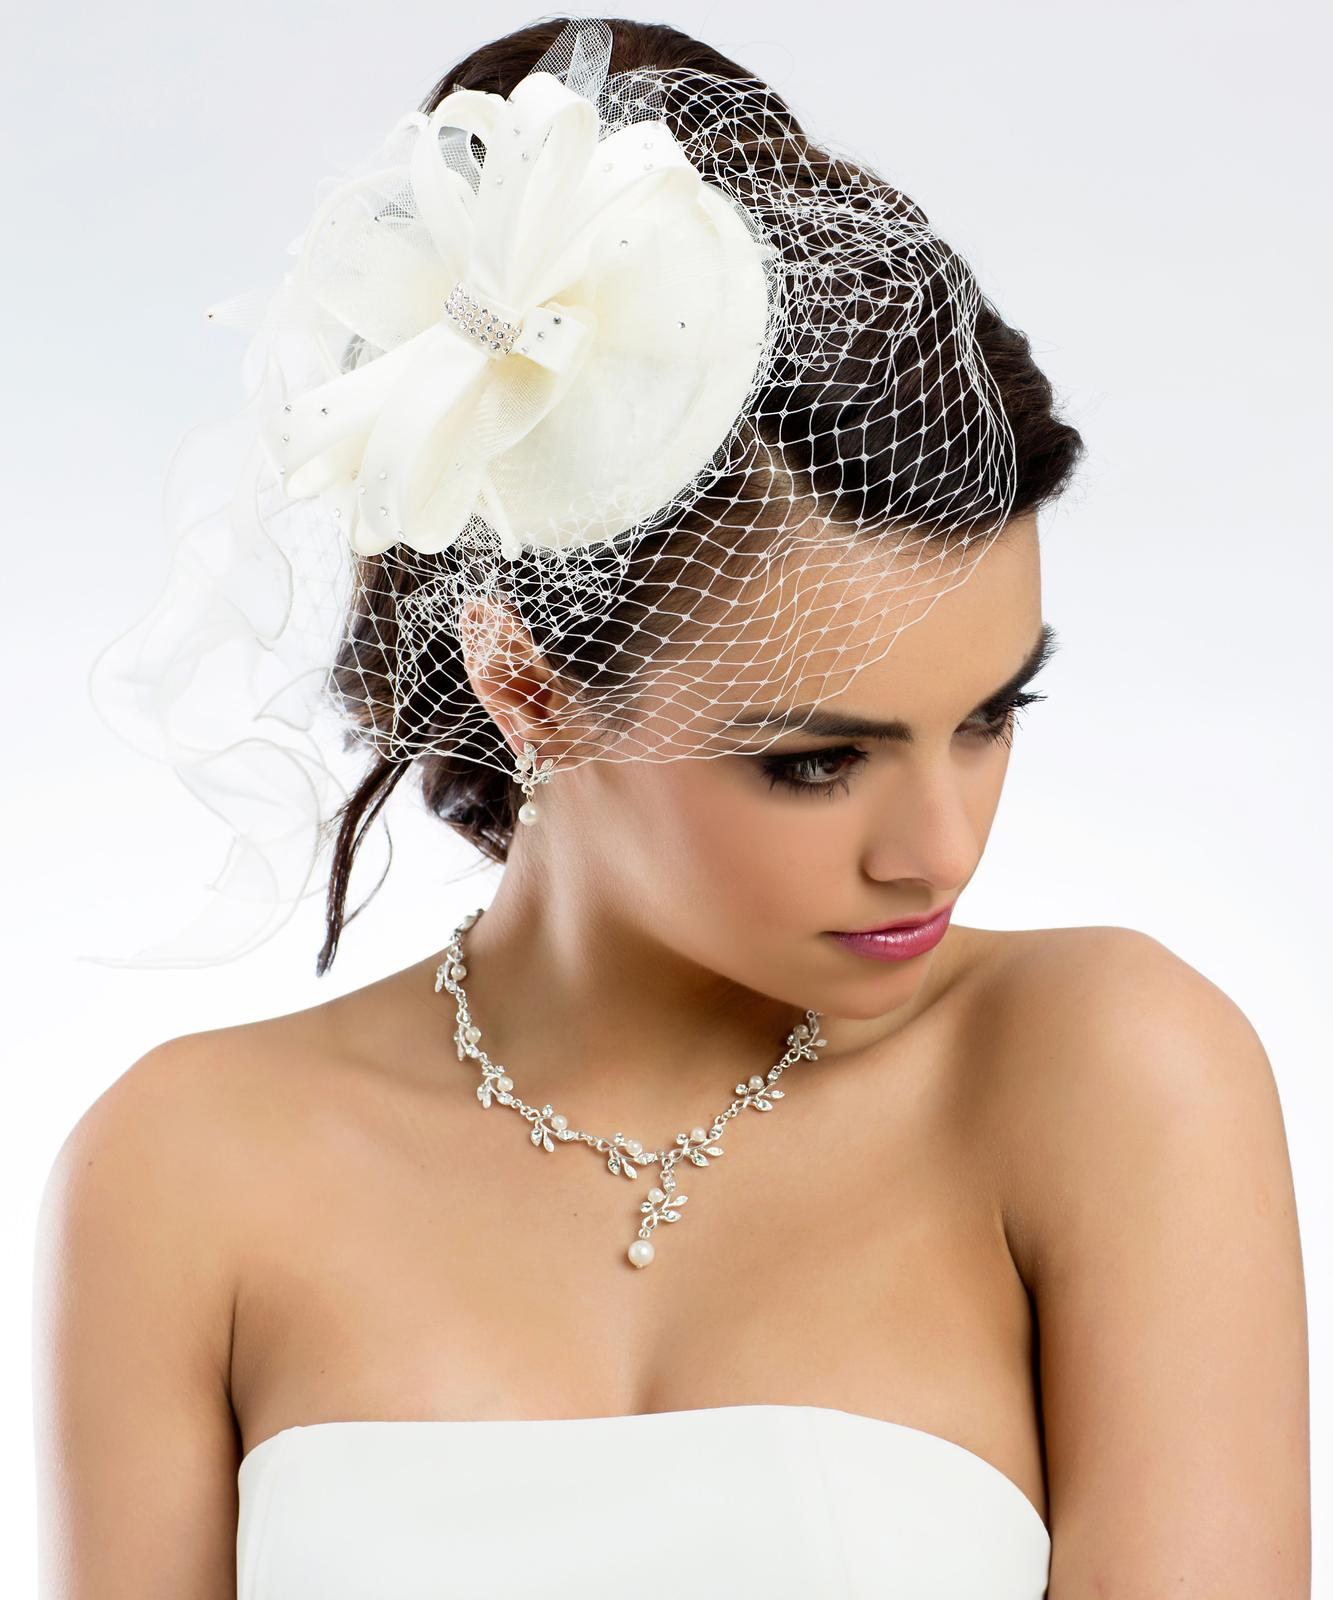 Svadobná sieťka do vlasov - Obrázok č. 1